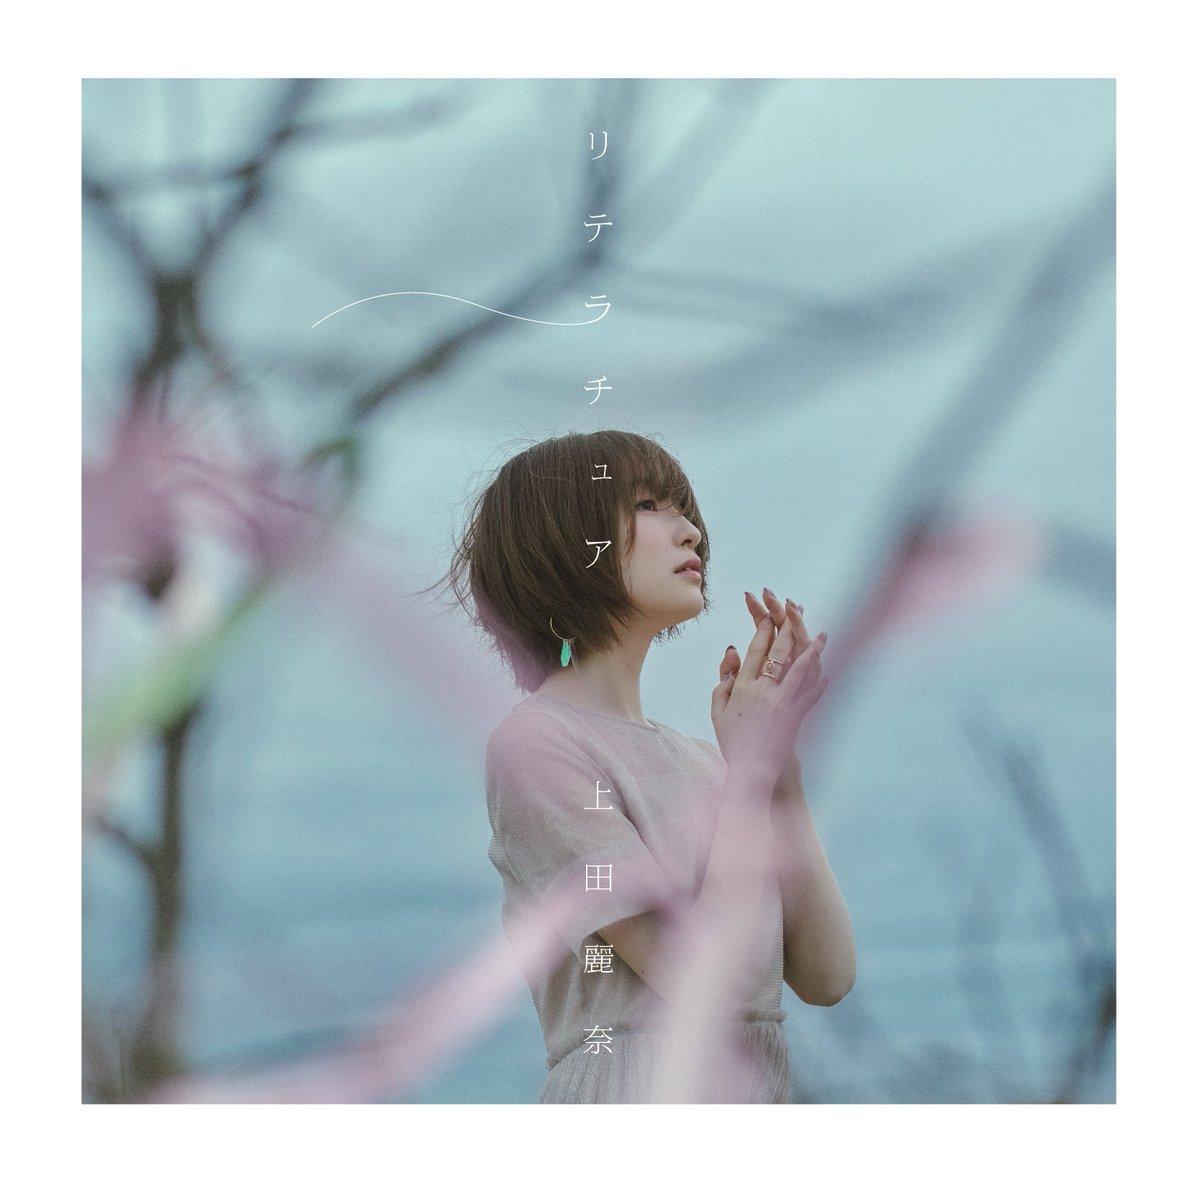 『上田麗奈 - 花の雨 歌詞』収録の『リテラチュア』ジャケット